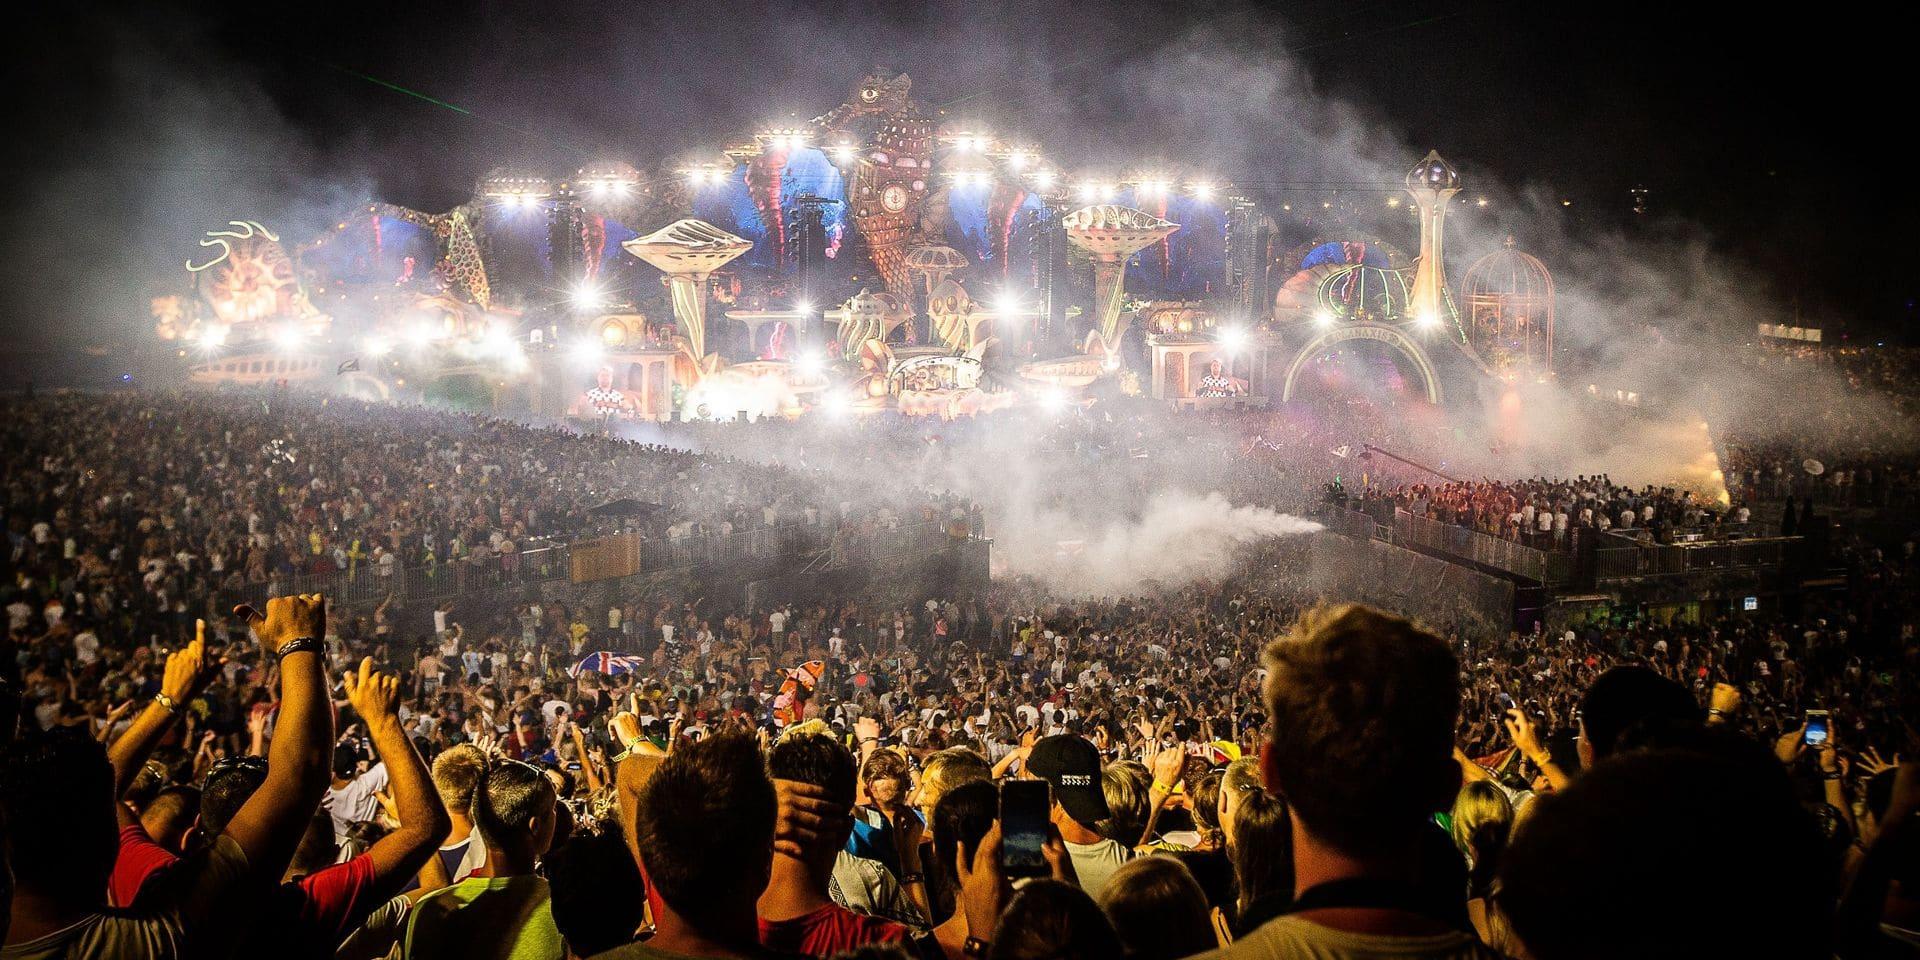 Les derniers tickets pour Tomorrowland partent comme des petits pains